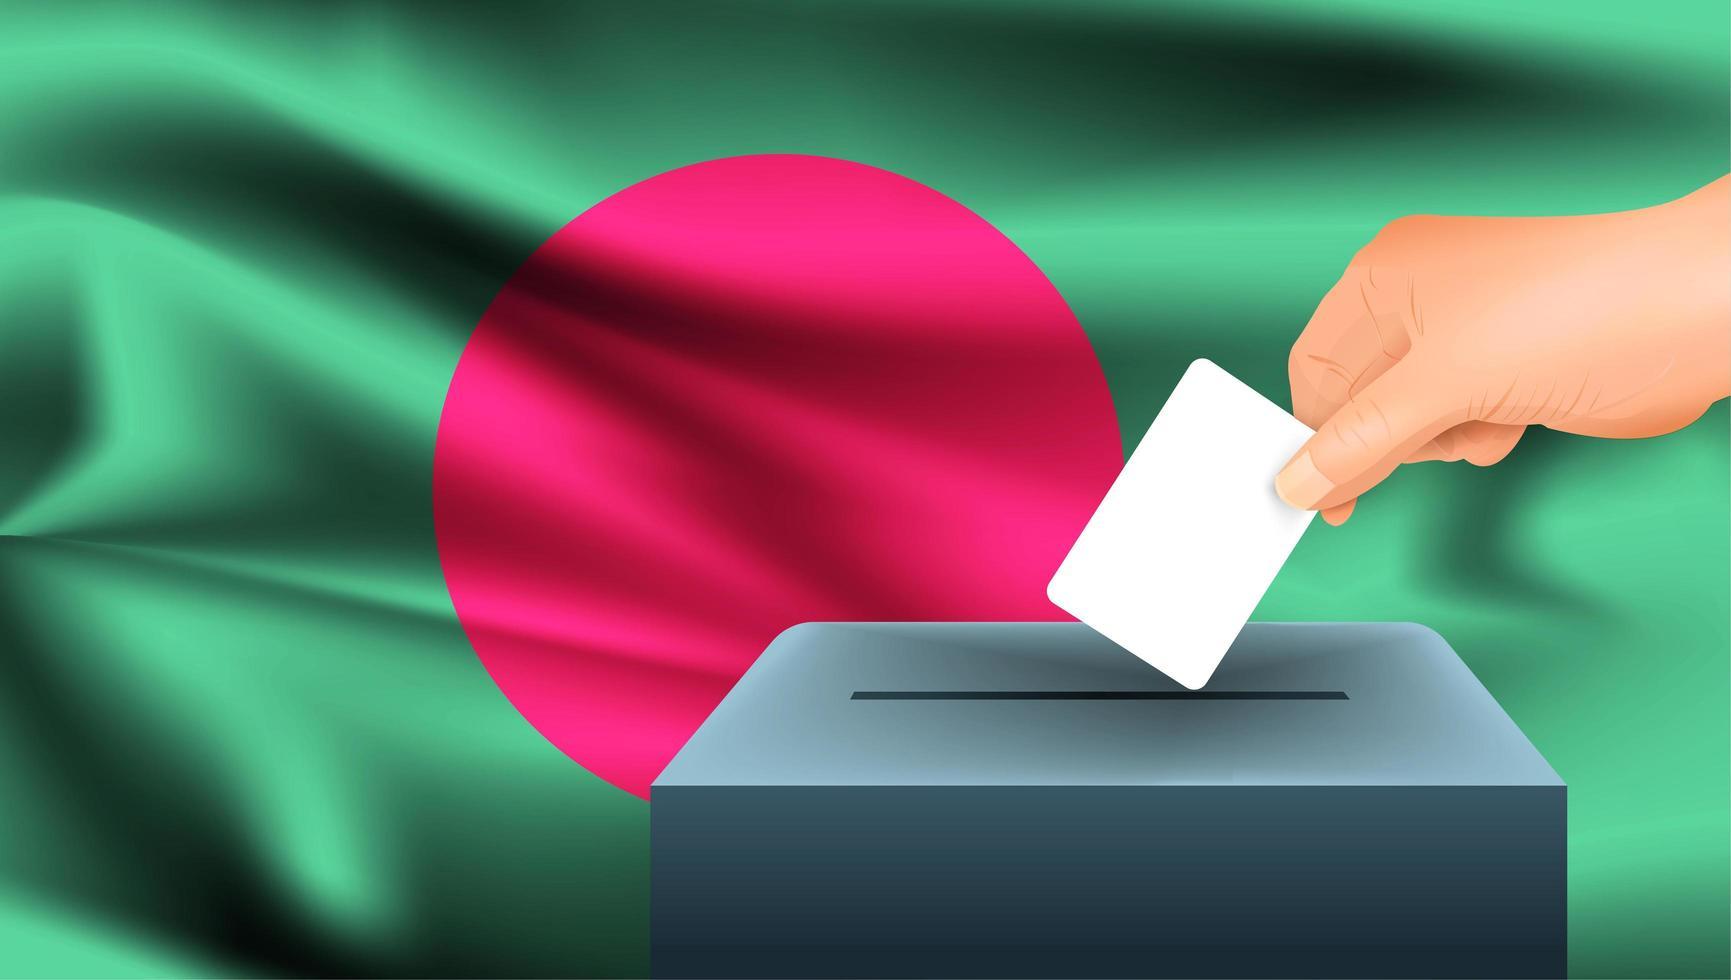 Mano poniendo la papeleta en la urna con la bandera de Bangladesh vector